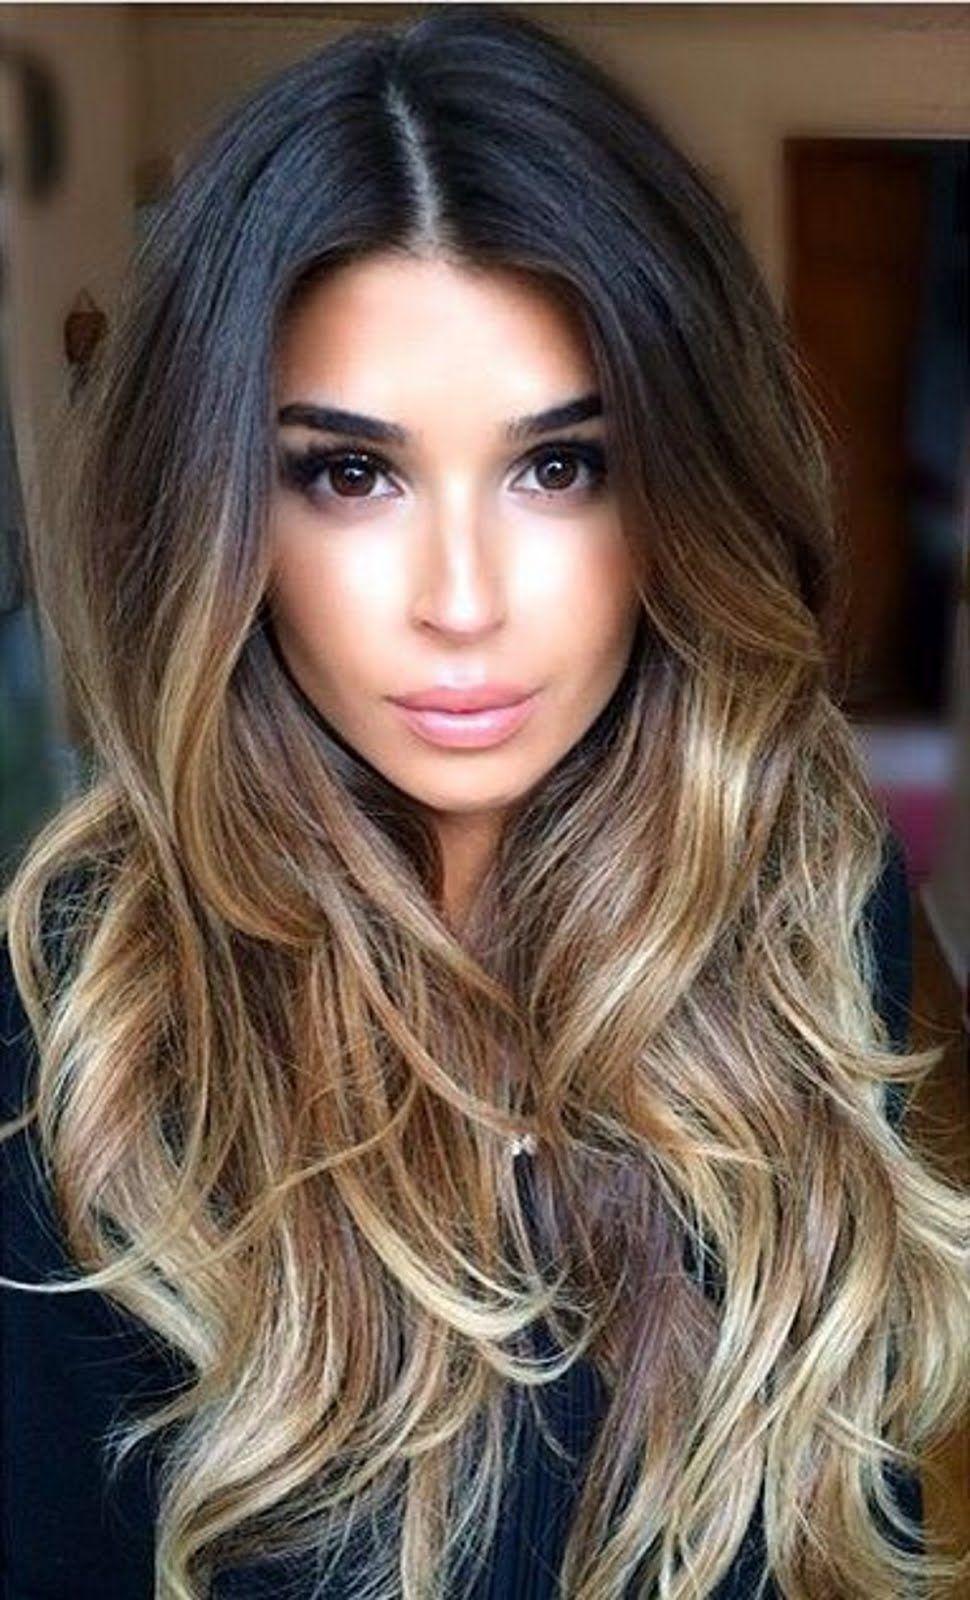 Schon Frisuren Farbtrends 2016 Finden Sie Die Beste Frisur